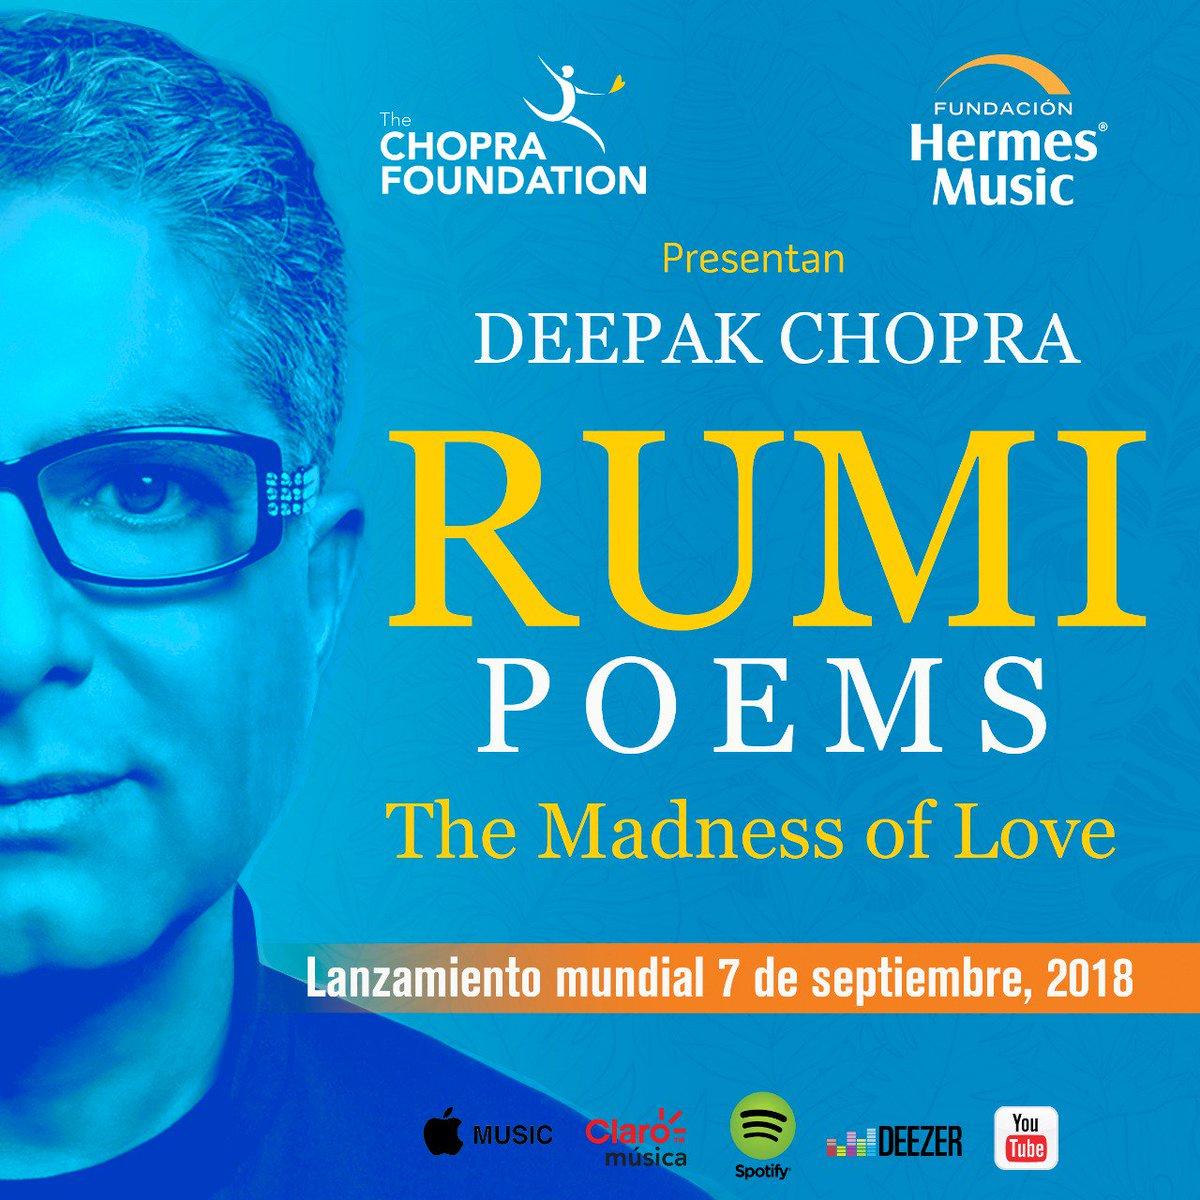 Fundaciónhermesmusic على تويتر Ya Pueden Disfrutar De Rumi